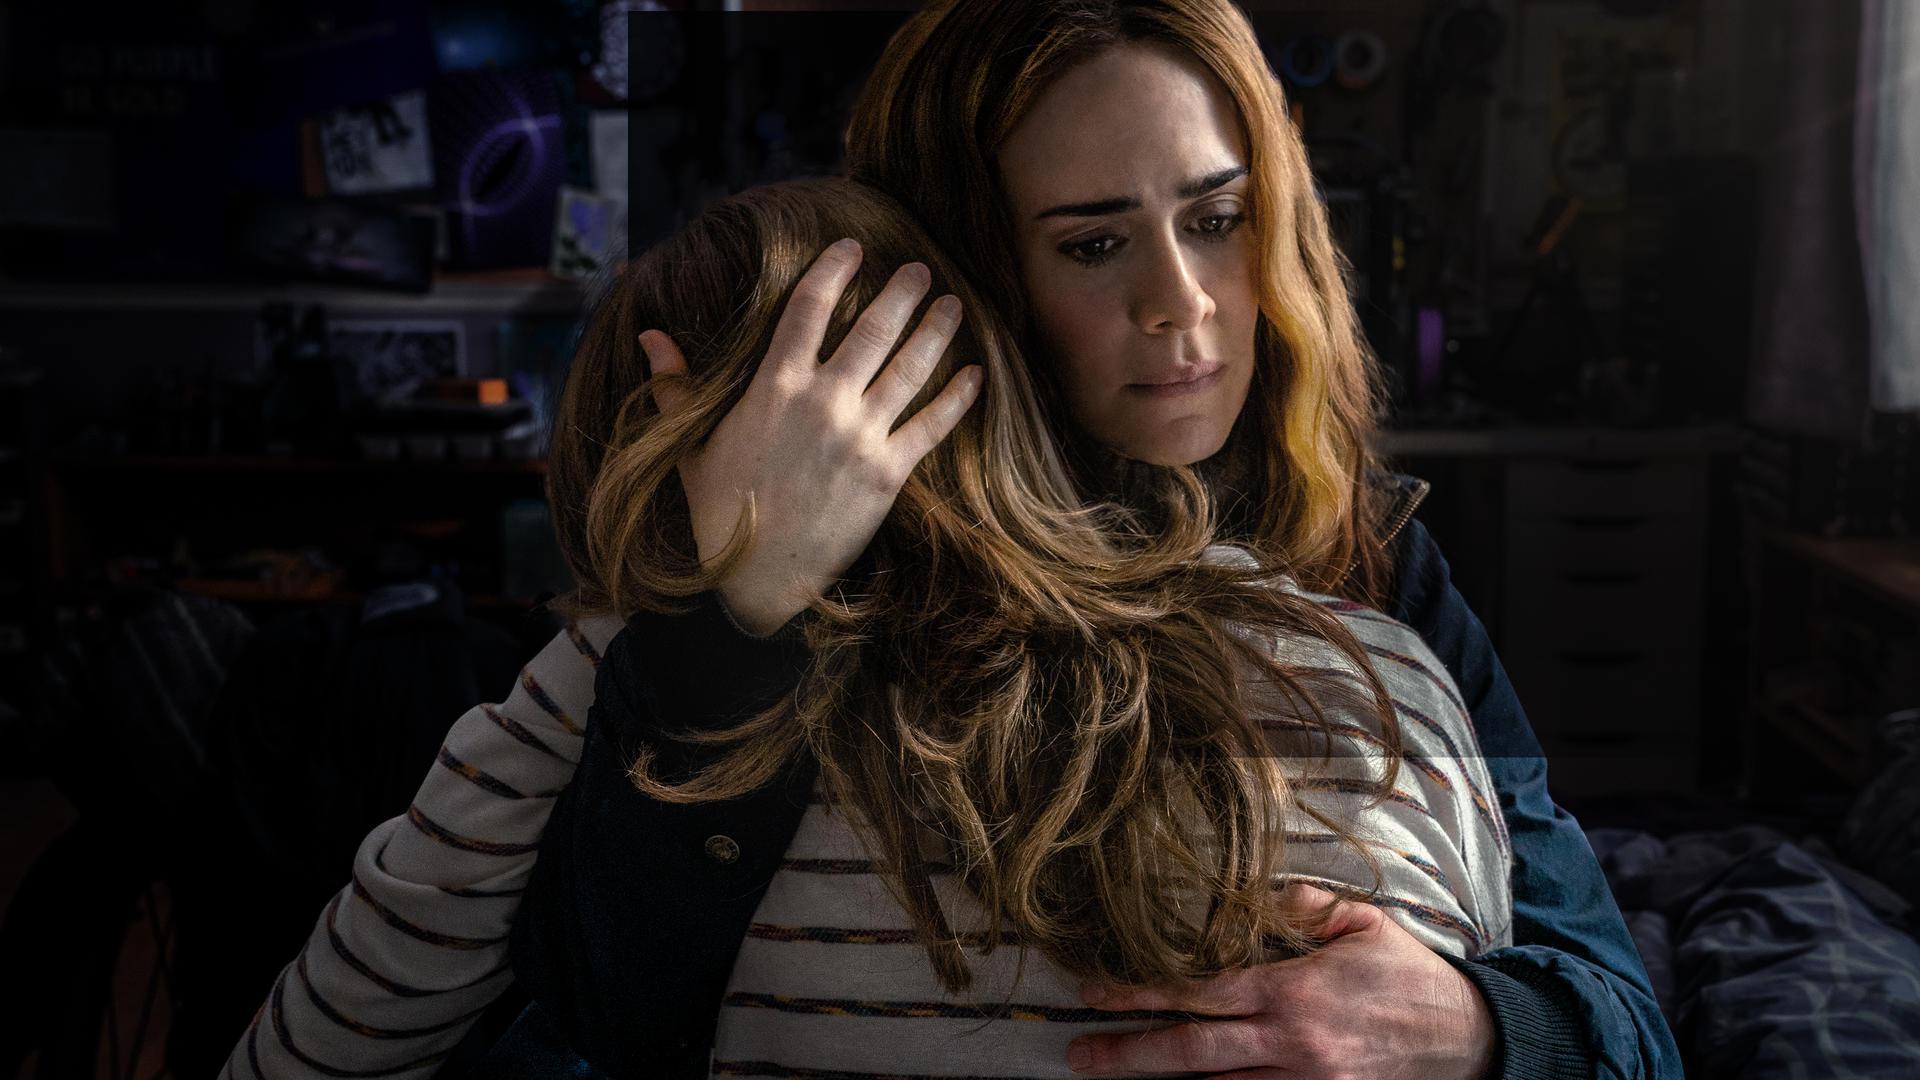 Cena do filme Fuja. Vemos a atriz Sarah Paulson, uma mulher branca adulta, abraçando sua filha interpretado por Kiera Allen. Sarah está de frente, olhando para baixo, e apoia sua mão direita na cabeça da jovem, que está com o rosto escondido no ombro da atriz.